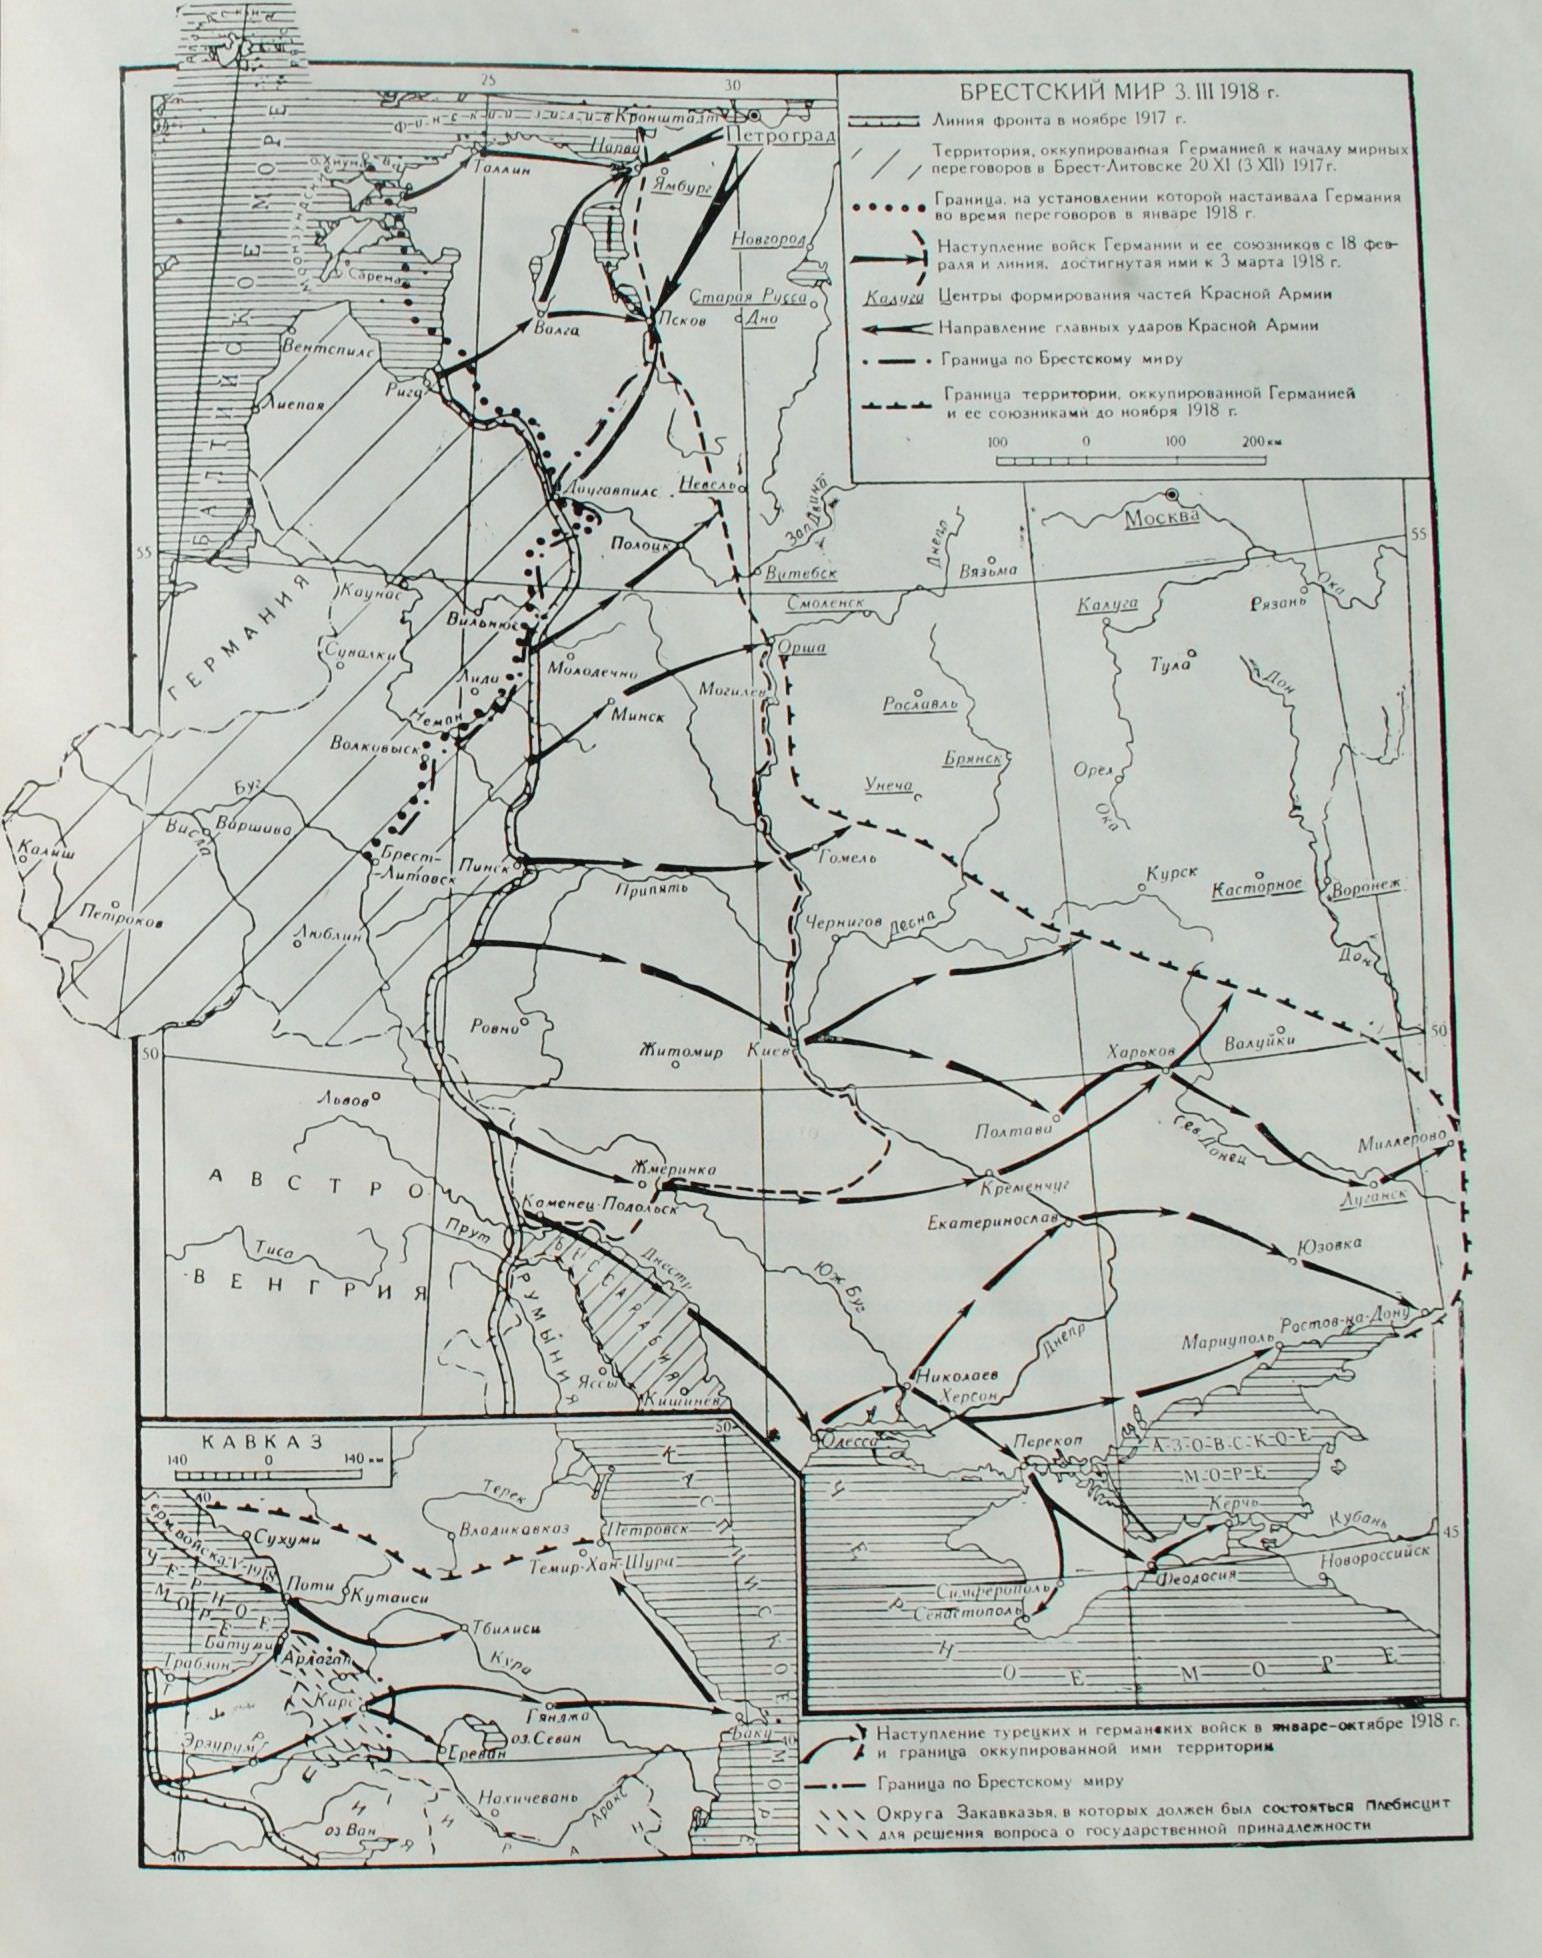 Брестский мир. 1918 год.